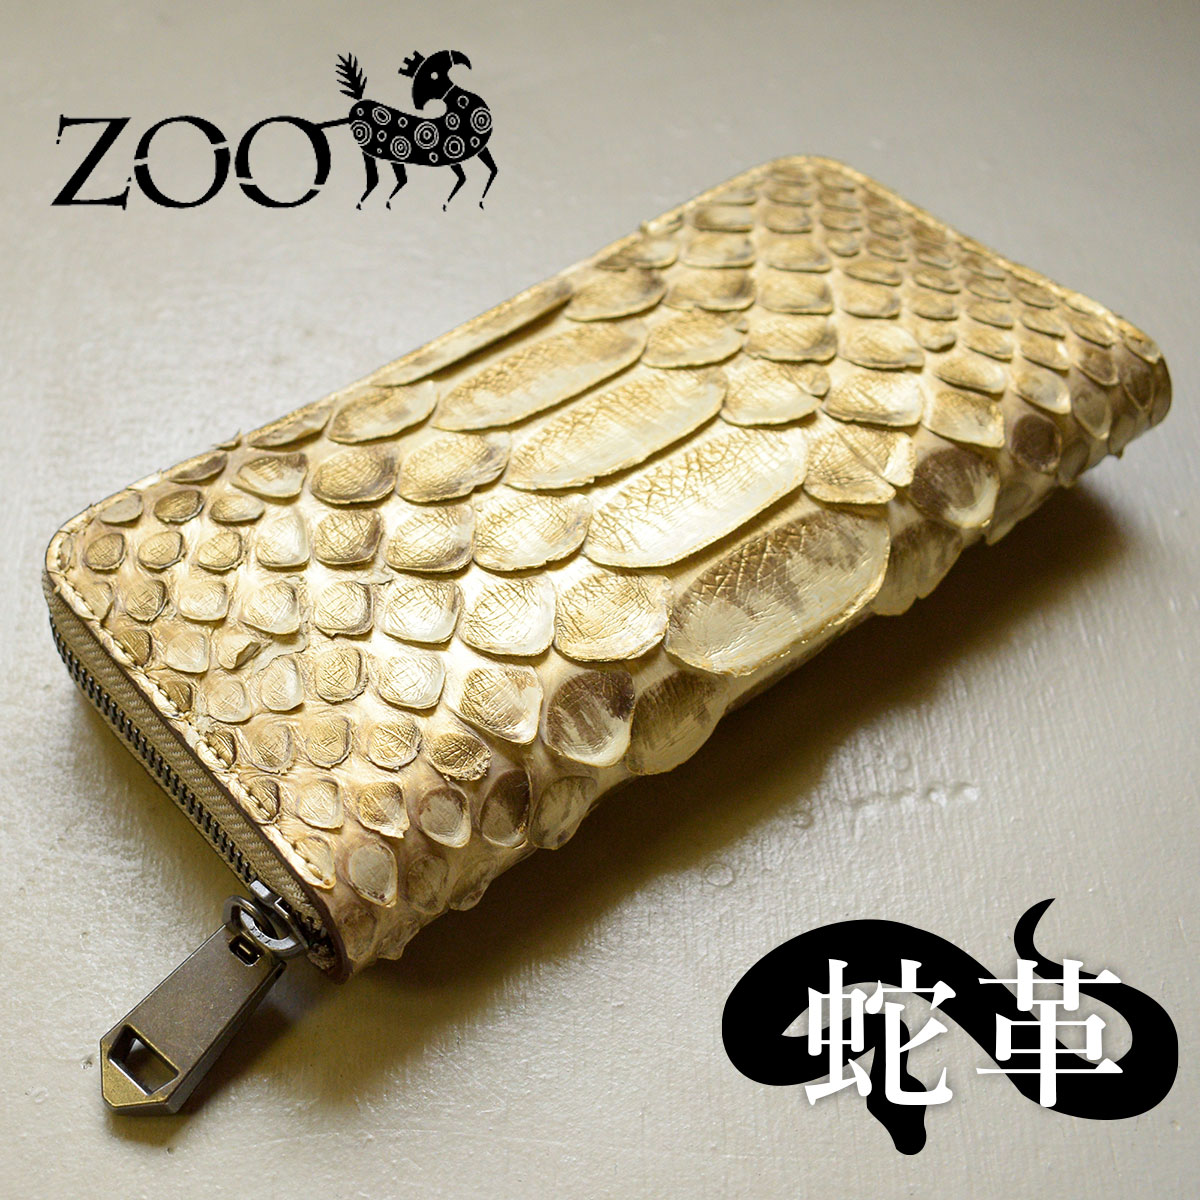 ZOO(ズー) ピューマウォレット17 大蛇革 ダイヤモンドパイソン メンズ ラウンドファスナー長財布 zlw-085 ゴールド